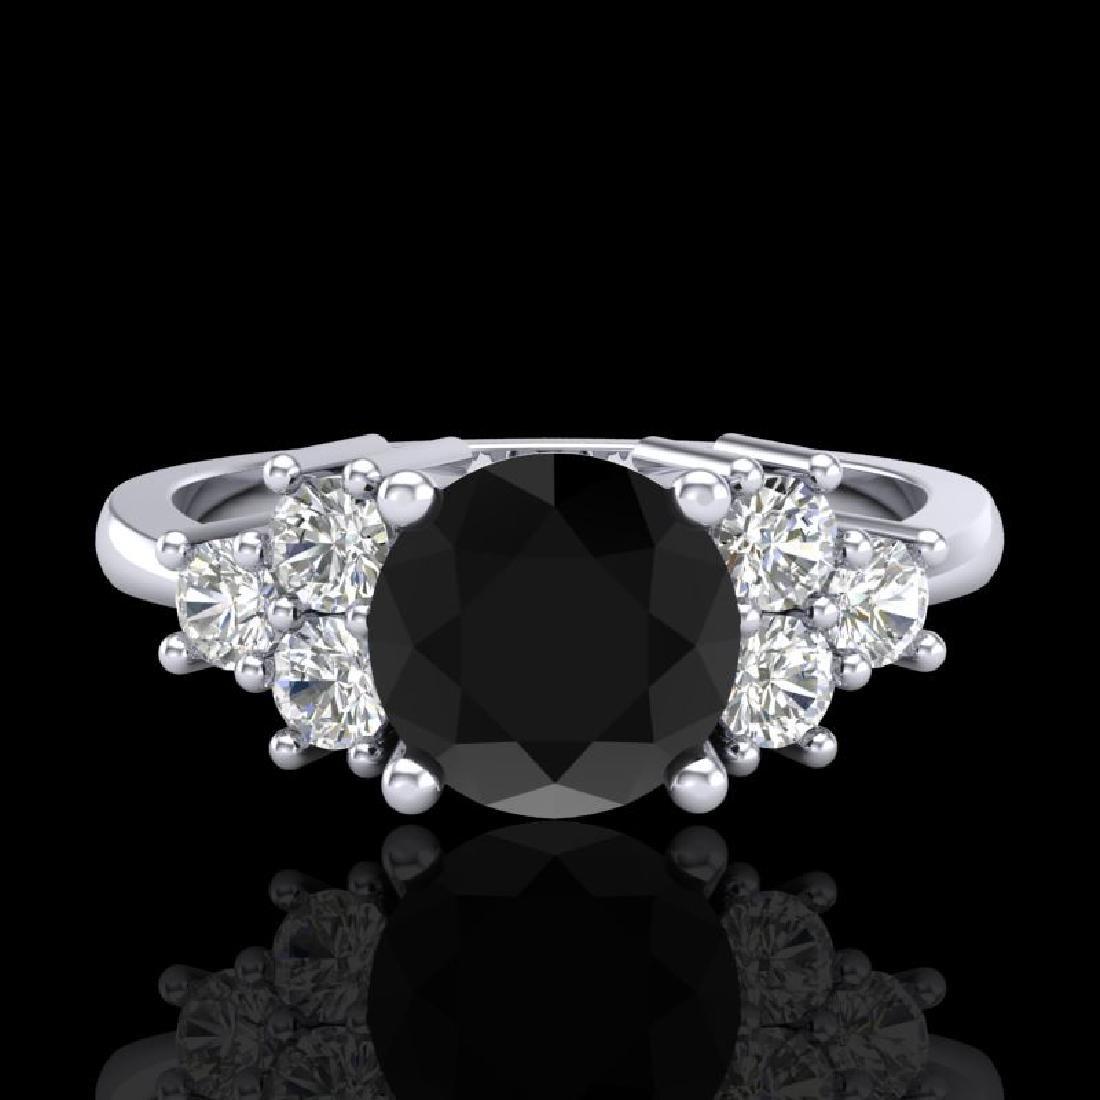 1.5 CTW Fancy Black Diamond Solitaire Engagement - 2